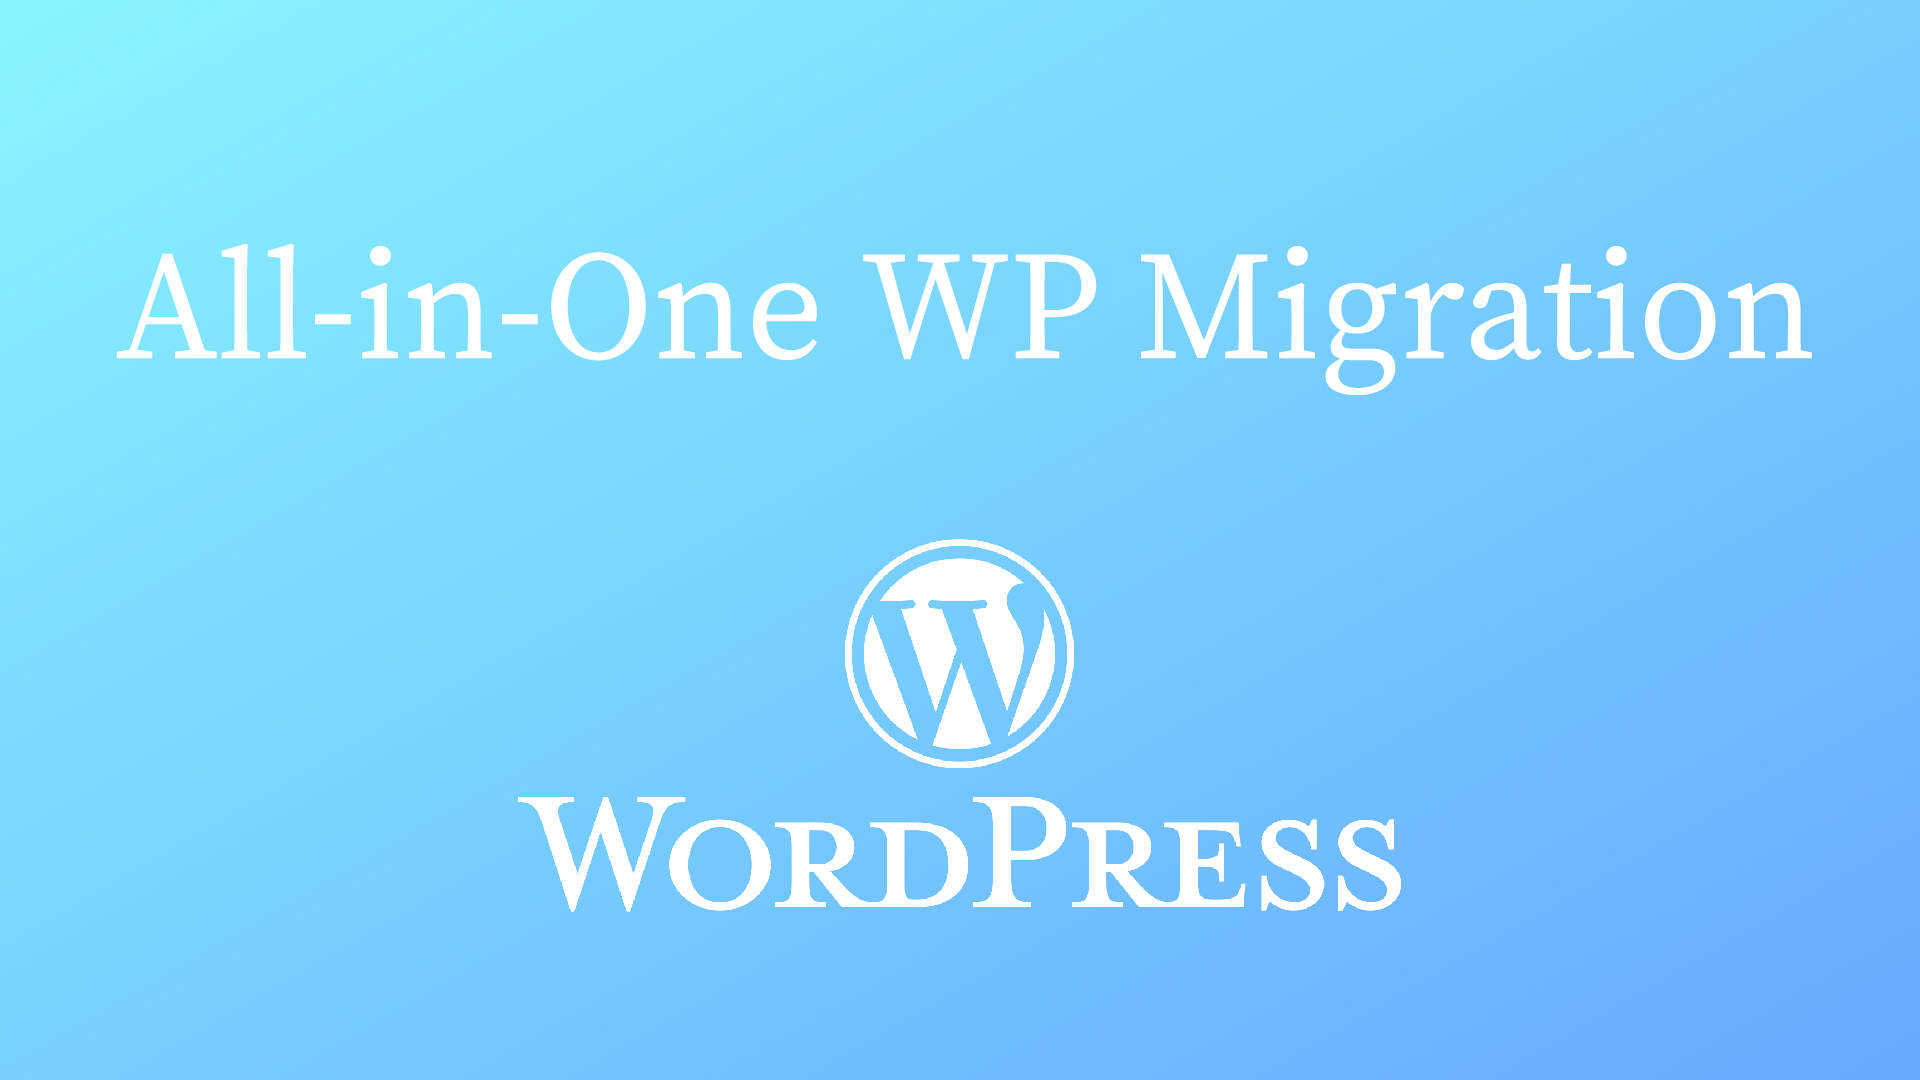 ワードプレスの引越しやリニューアルも簡単に出来る!All-in-One WP Migrationが便利すぎ!